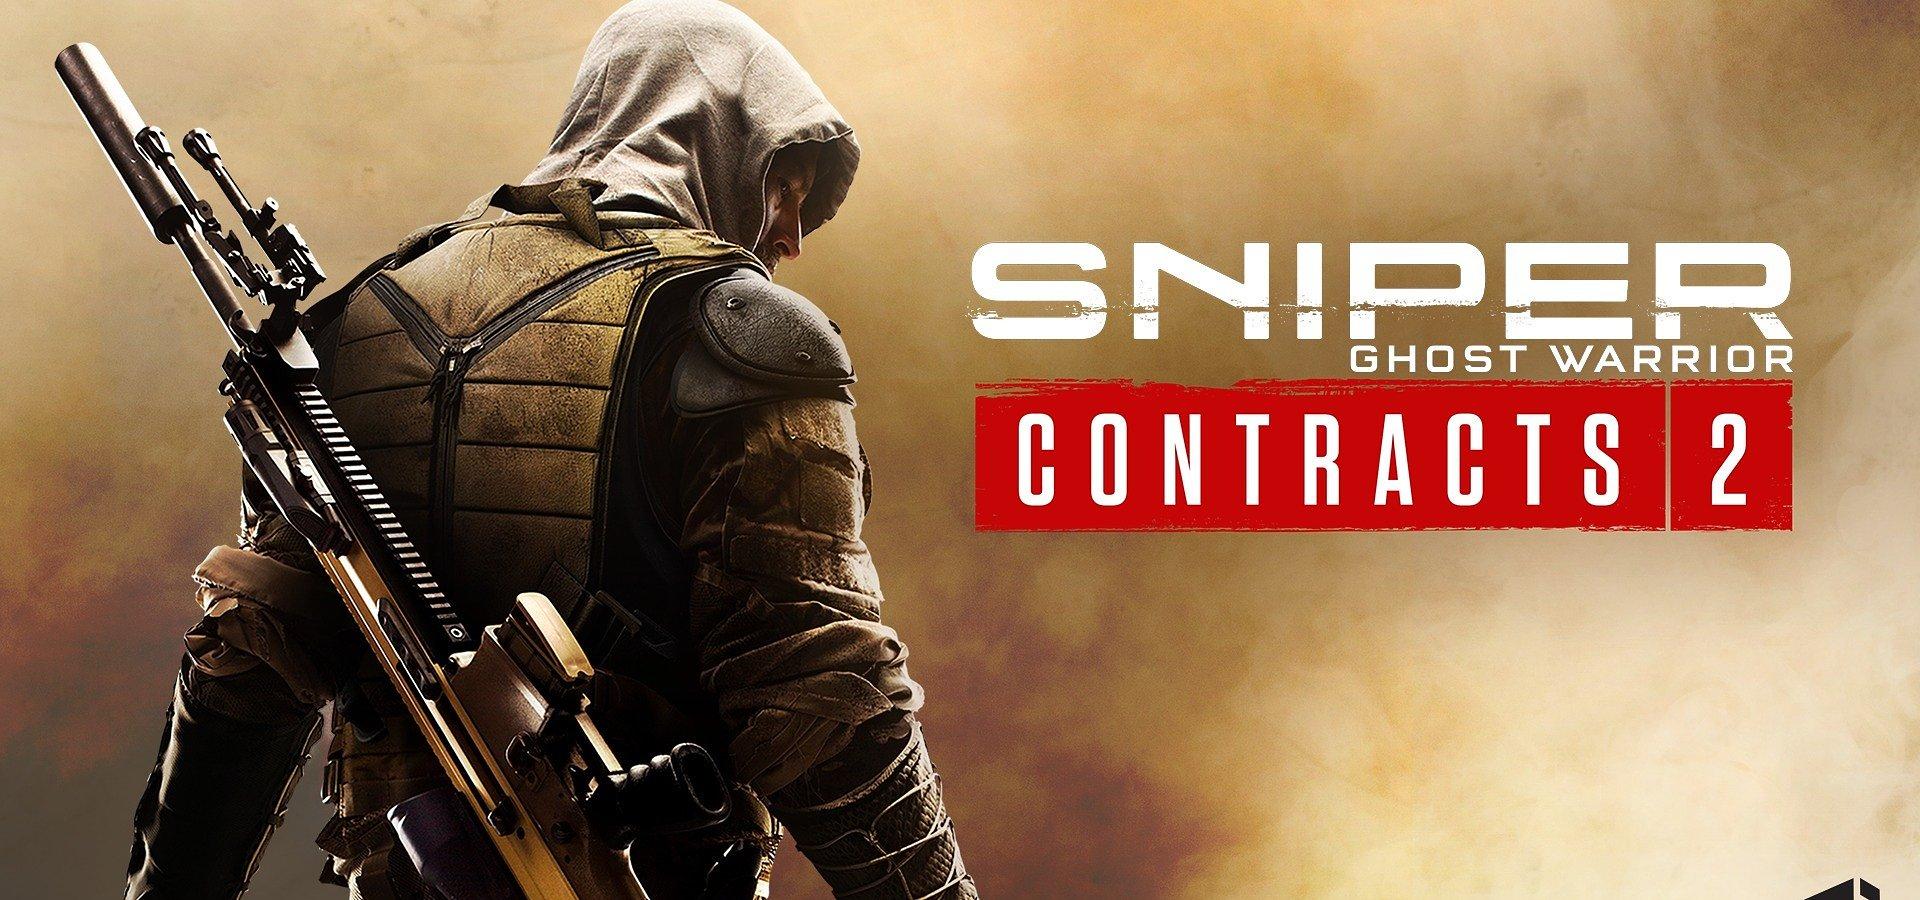 Sniper Ghost Warrior Contracts 2 wkracza do boju na PS5, uzbrojony w komplet next-genowych funkcji, w najbardziej wciągającej odsłonie